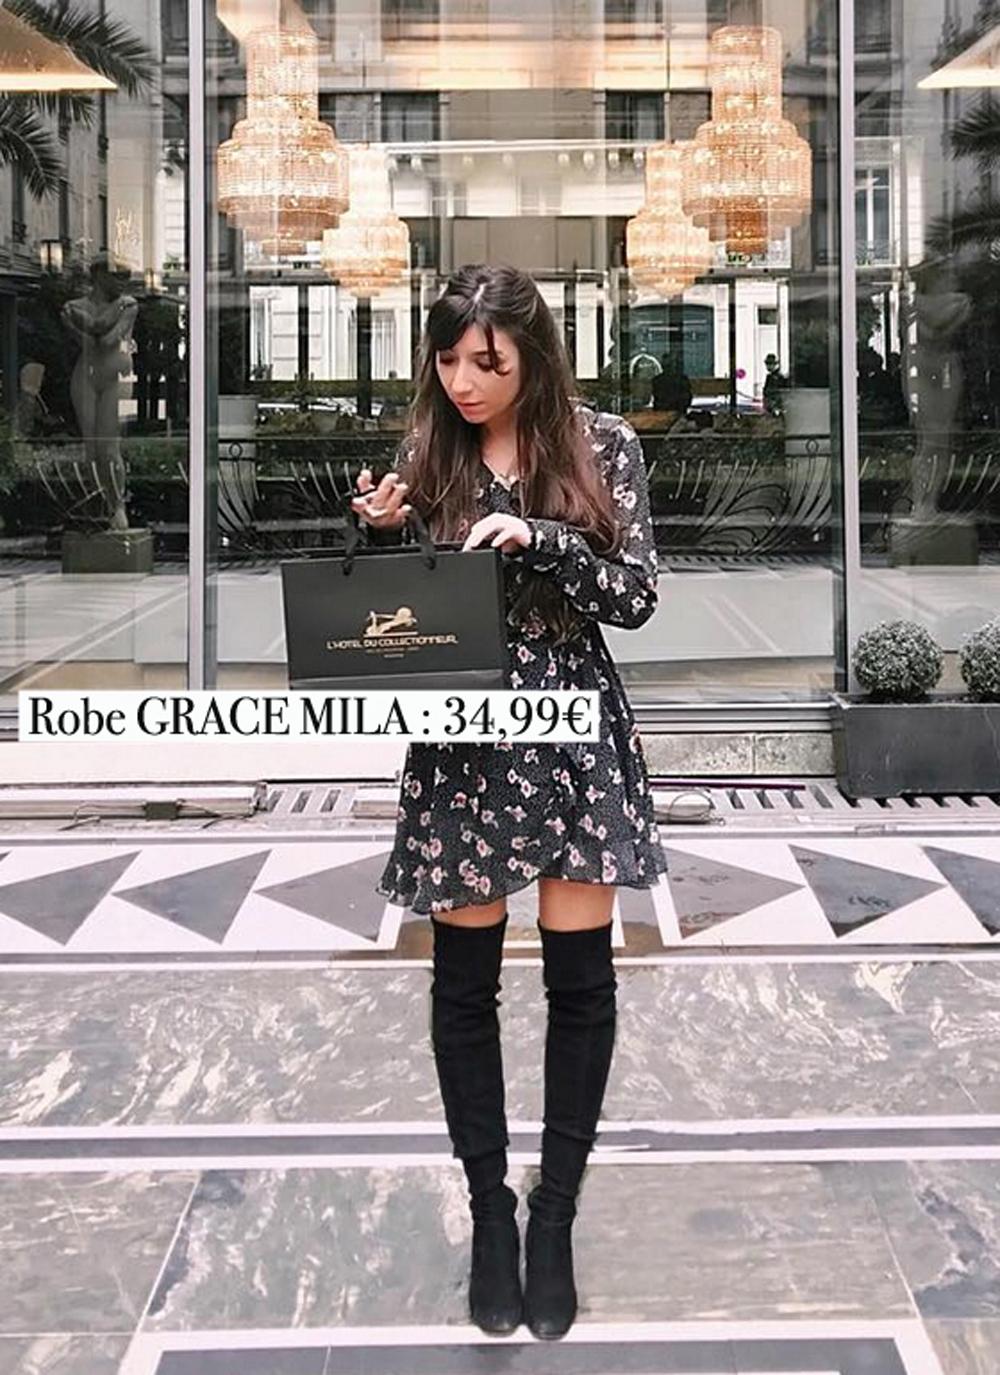 robe-gracemila